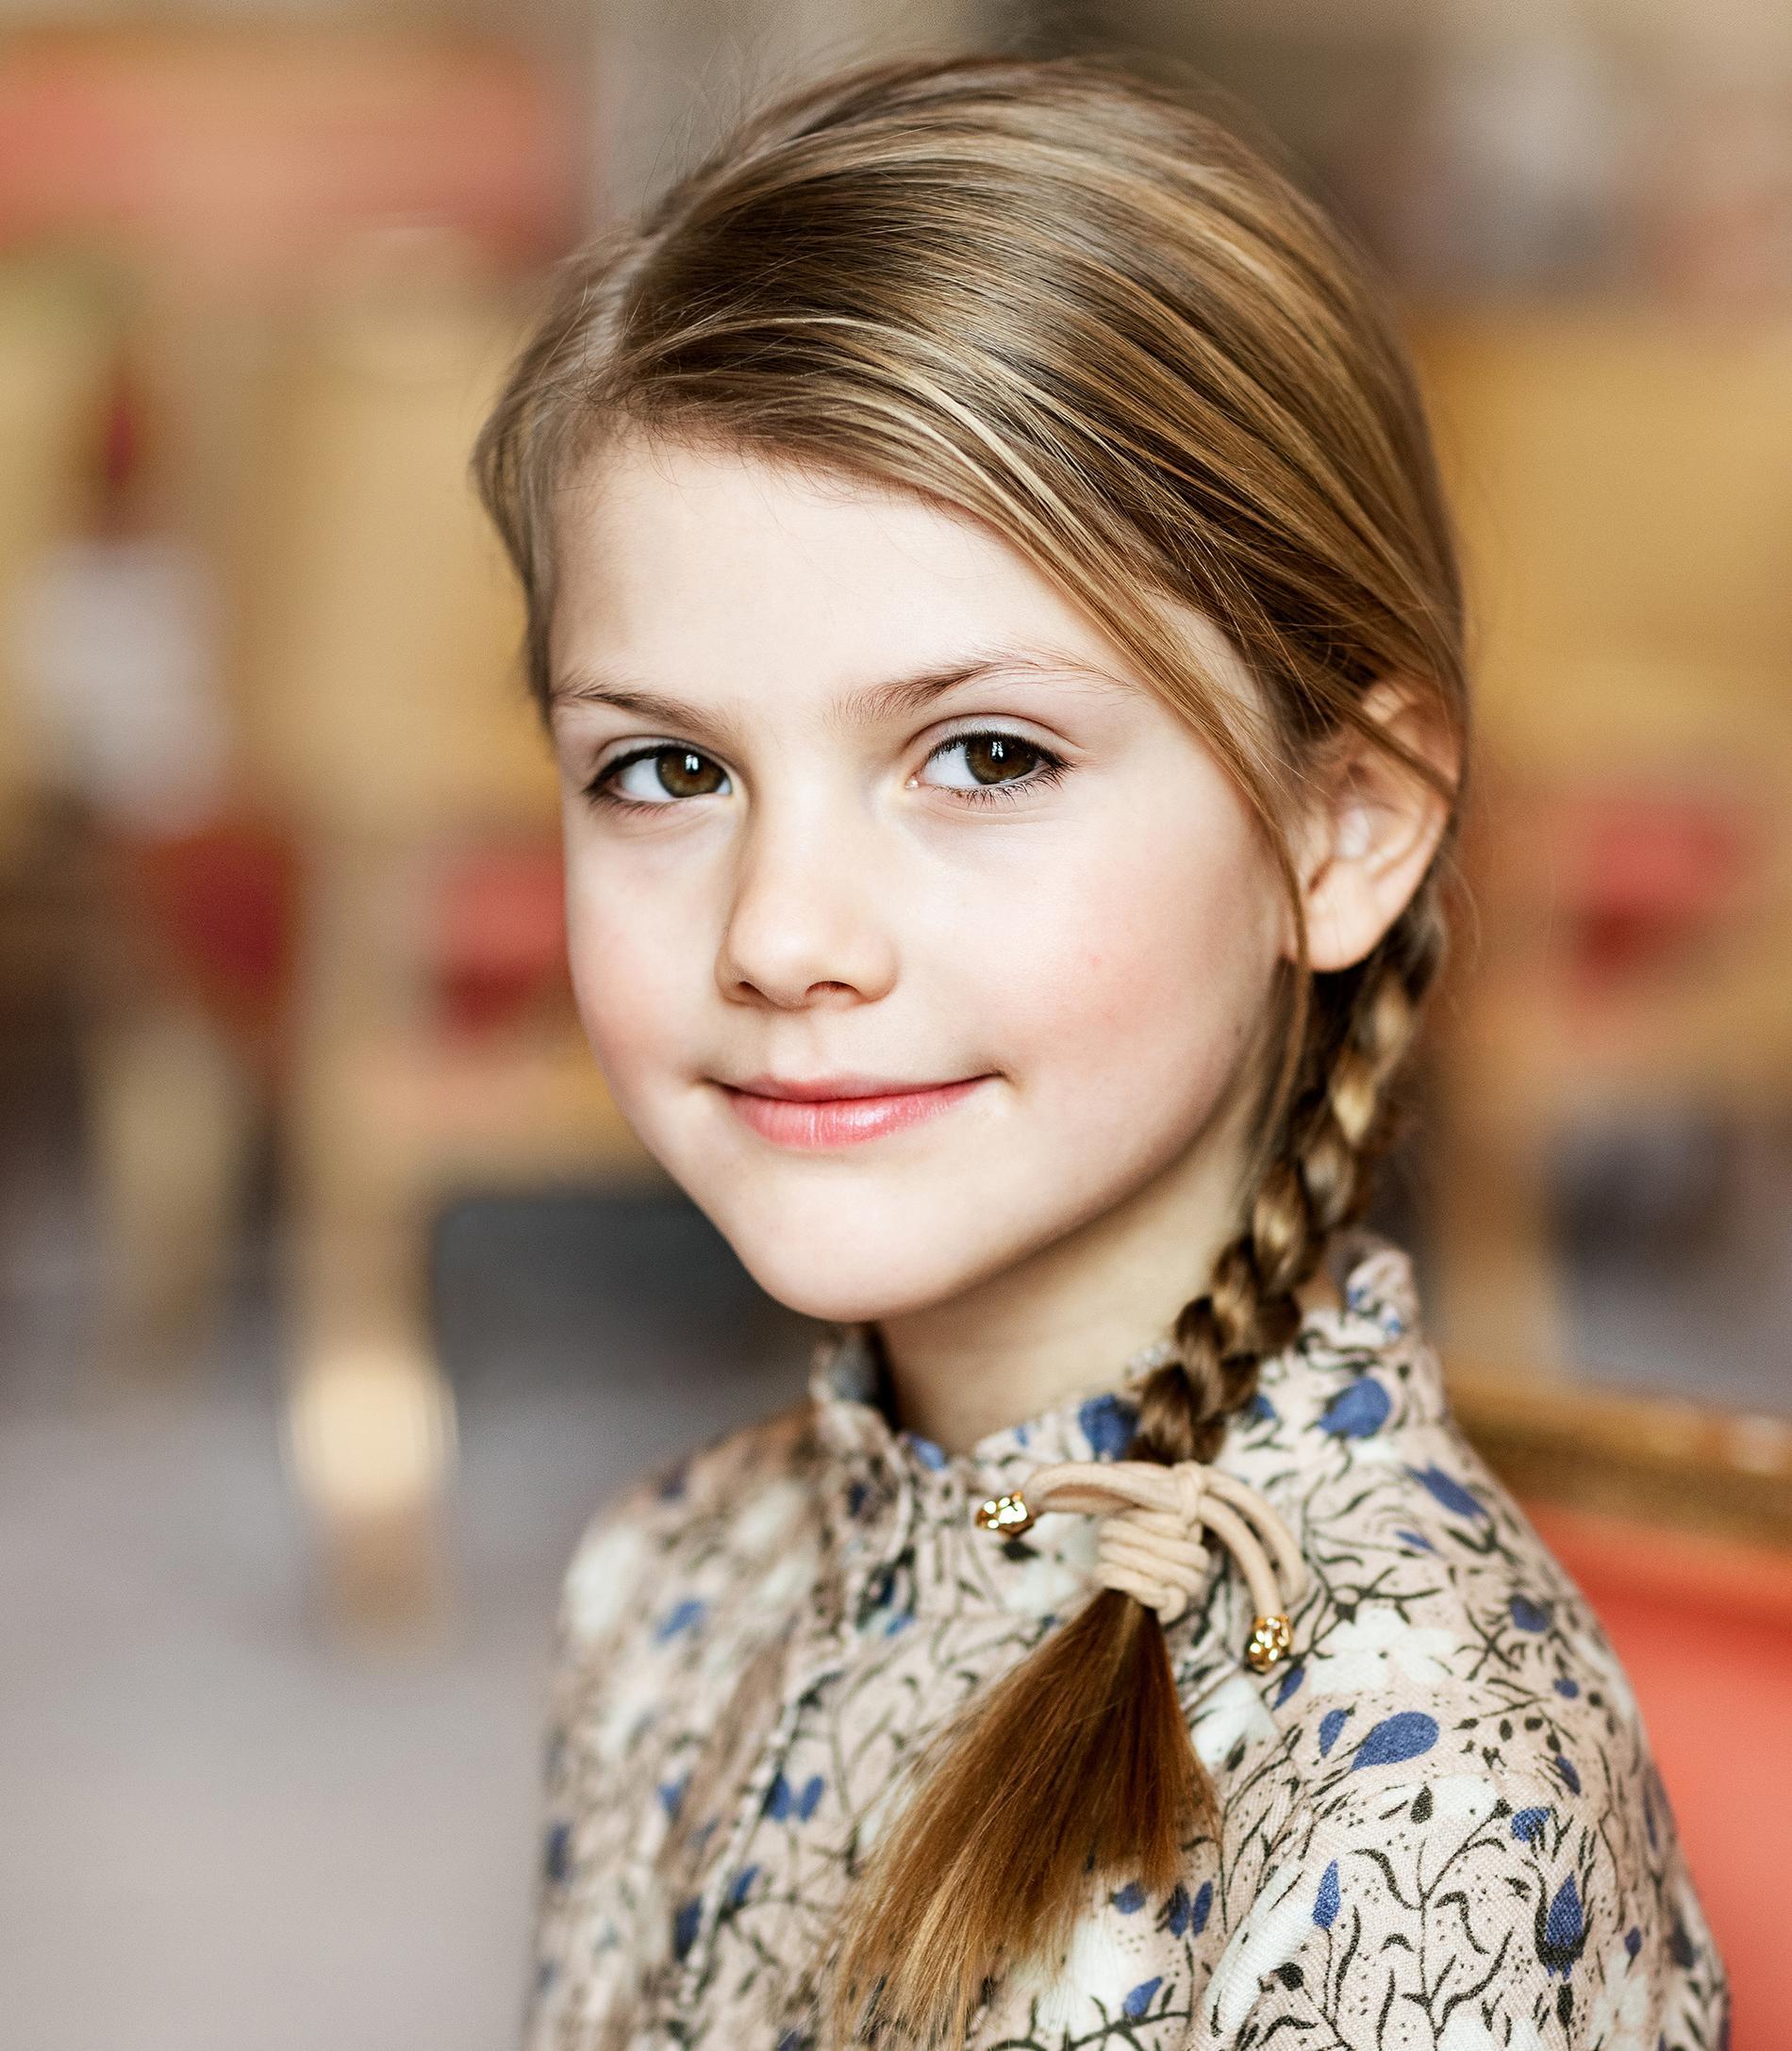 Prinsessan Estelle på sin åttaårsdag.